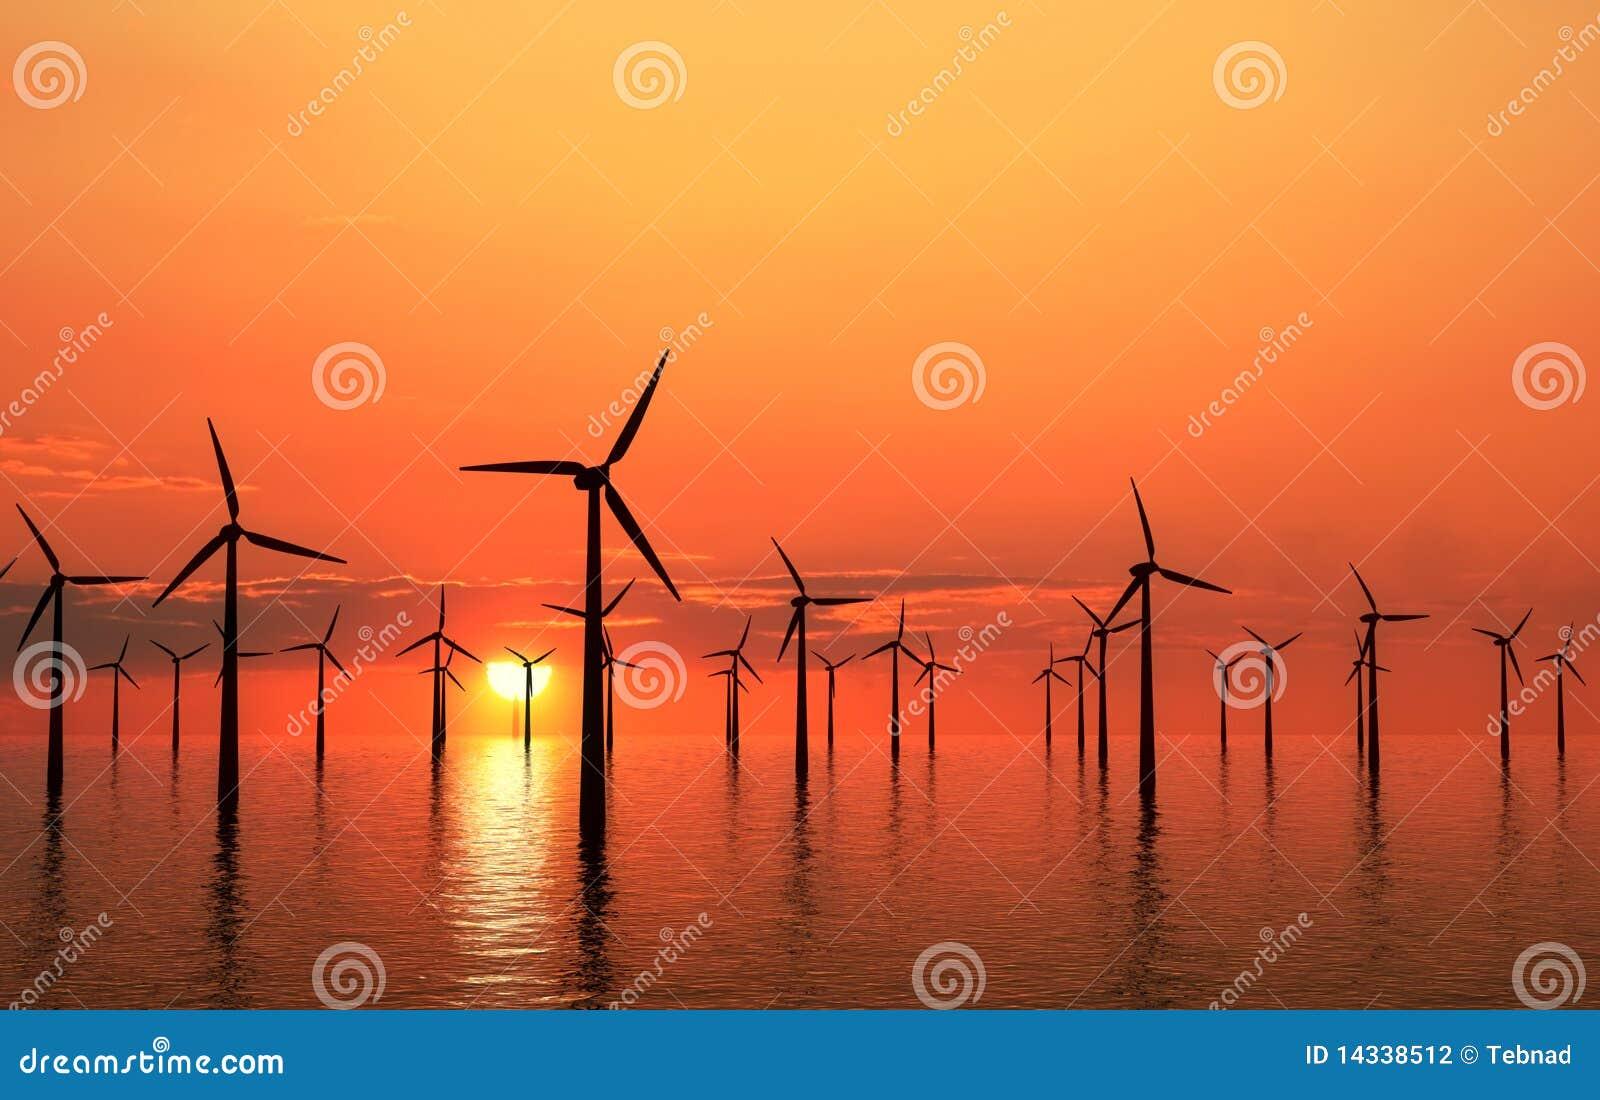 Puesta del sol costera de las turbinas de viento